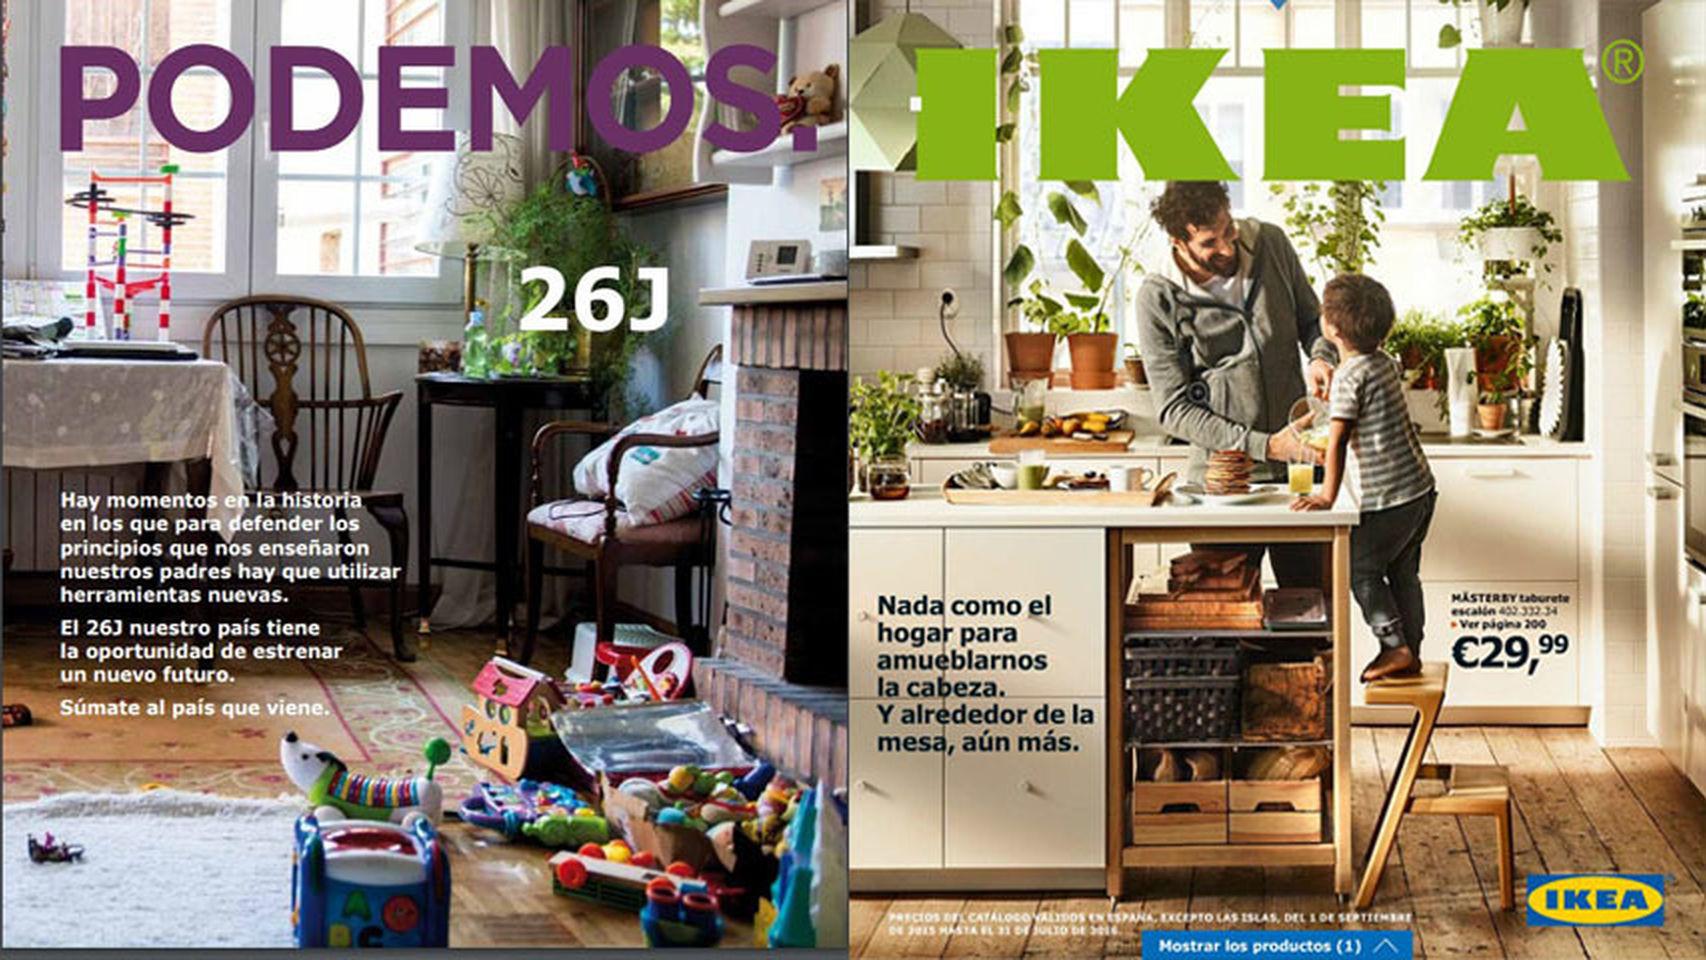 左邊的是 Podemos 的競選政綱,右邊的才是宜家的產品目錄,連封面設計都「仿」得十足十,認真誠意可加。